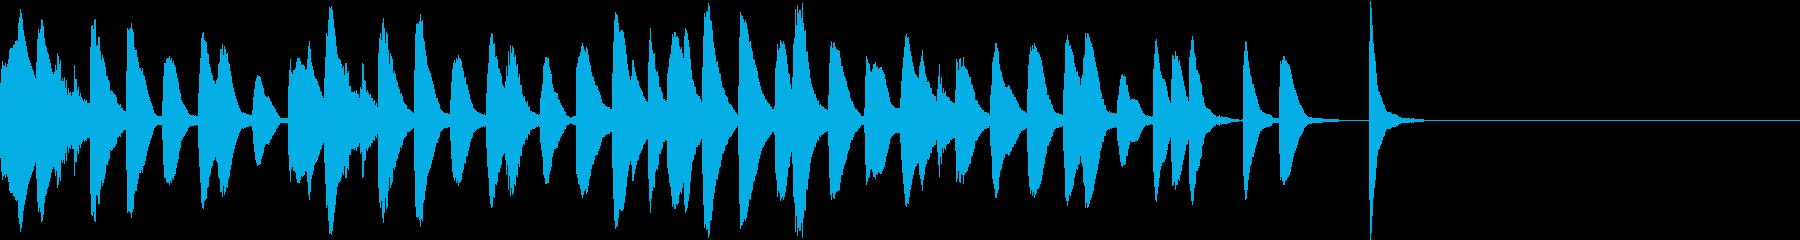 マリンバのコミカルでかわいいジングル2の再生済みの波形